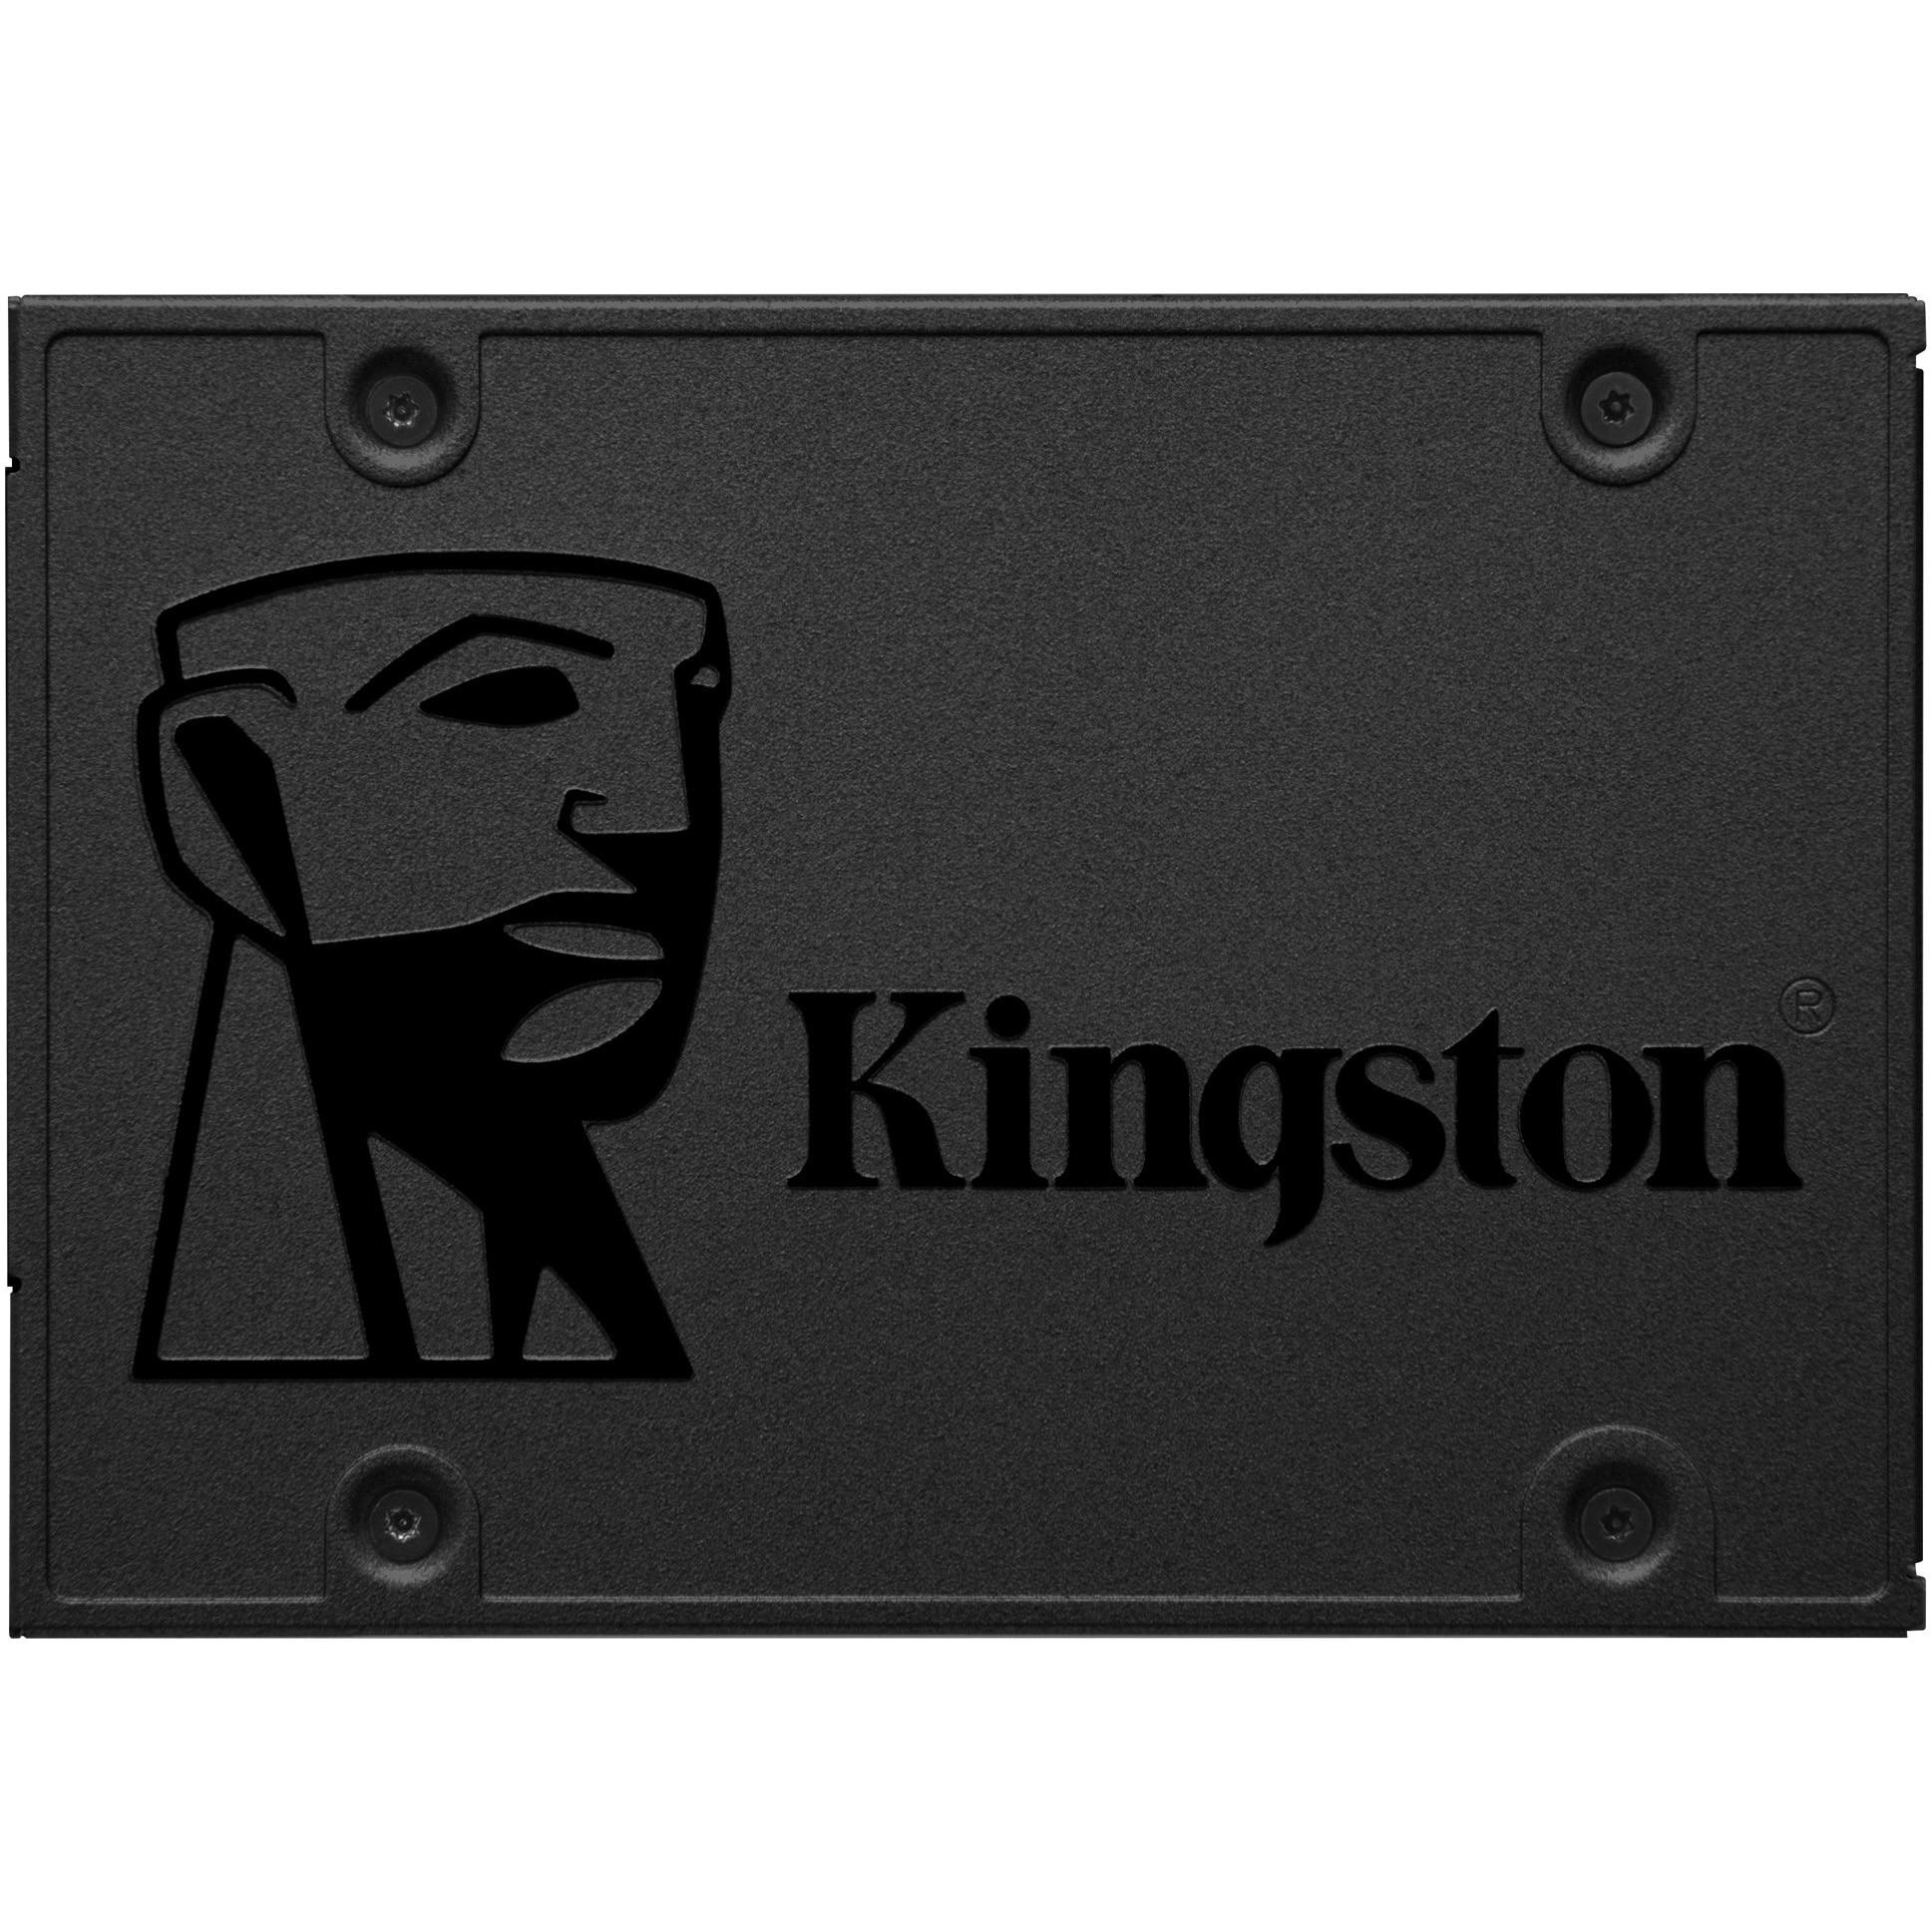 """Fotografie Solid State Drive (SSD) Kingston A400, 1,92TB, 2.5"""", SATA III"""